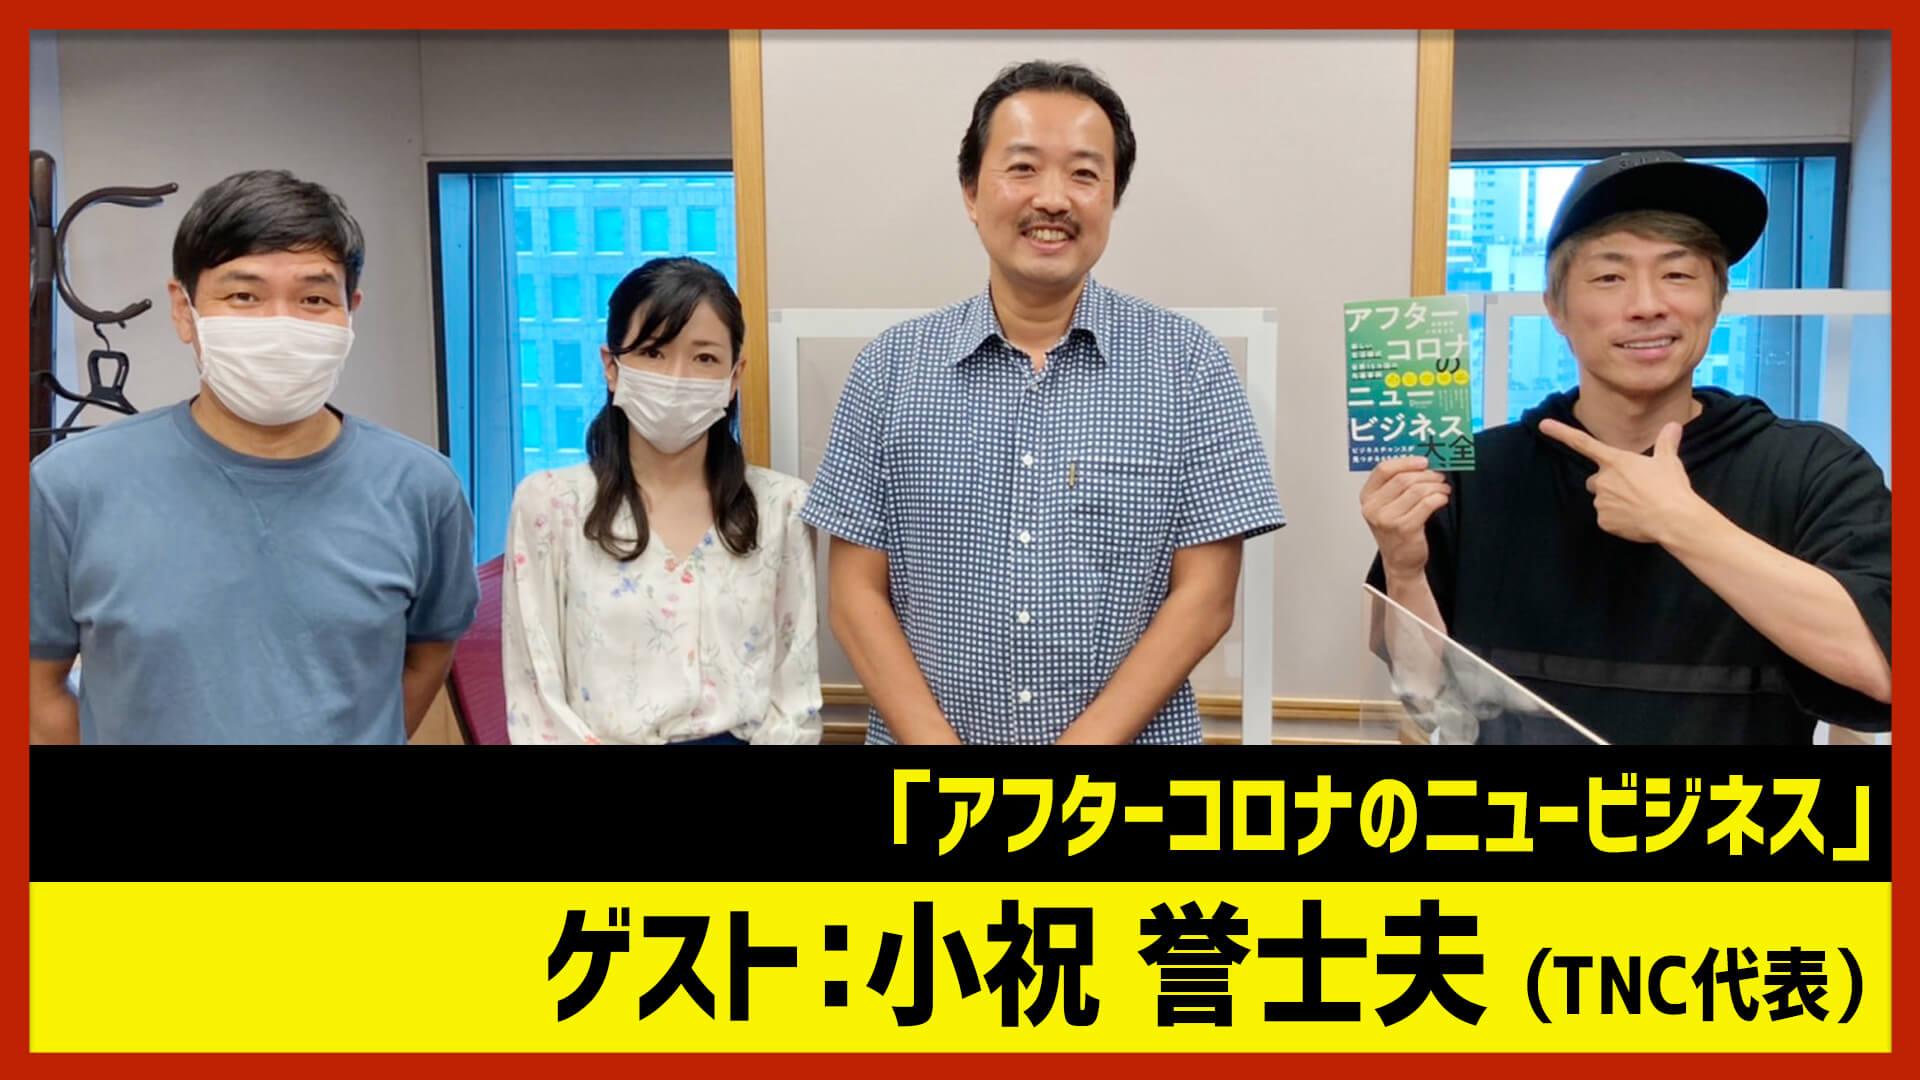 【田村淳のNewsCLUB】ゲスト:小祝 誉士夫さん(2021年9月18日後半)